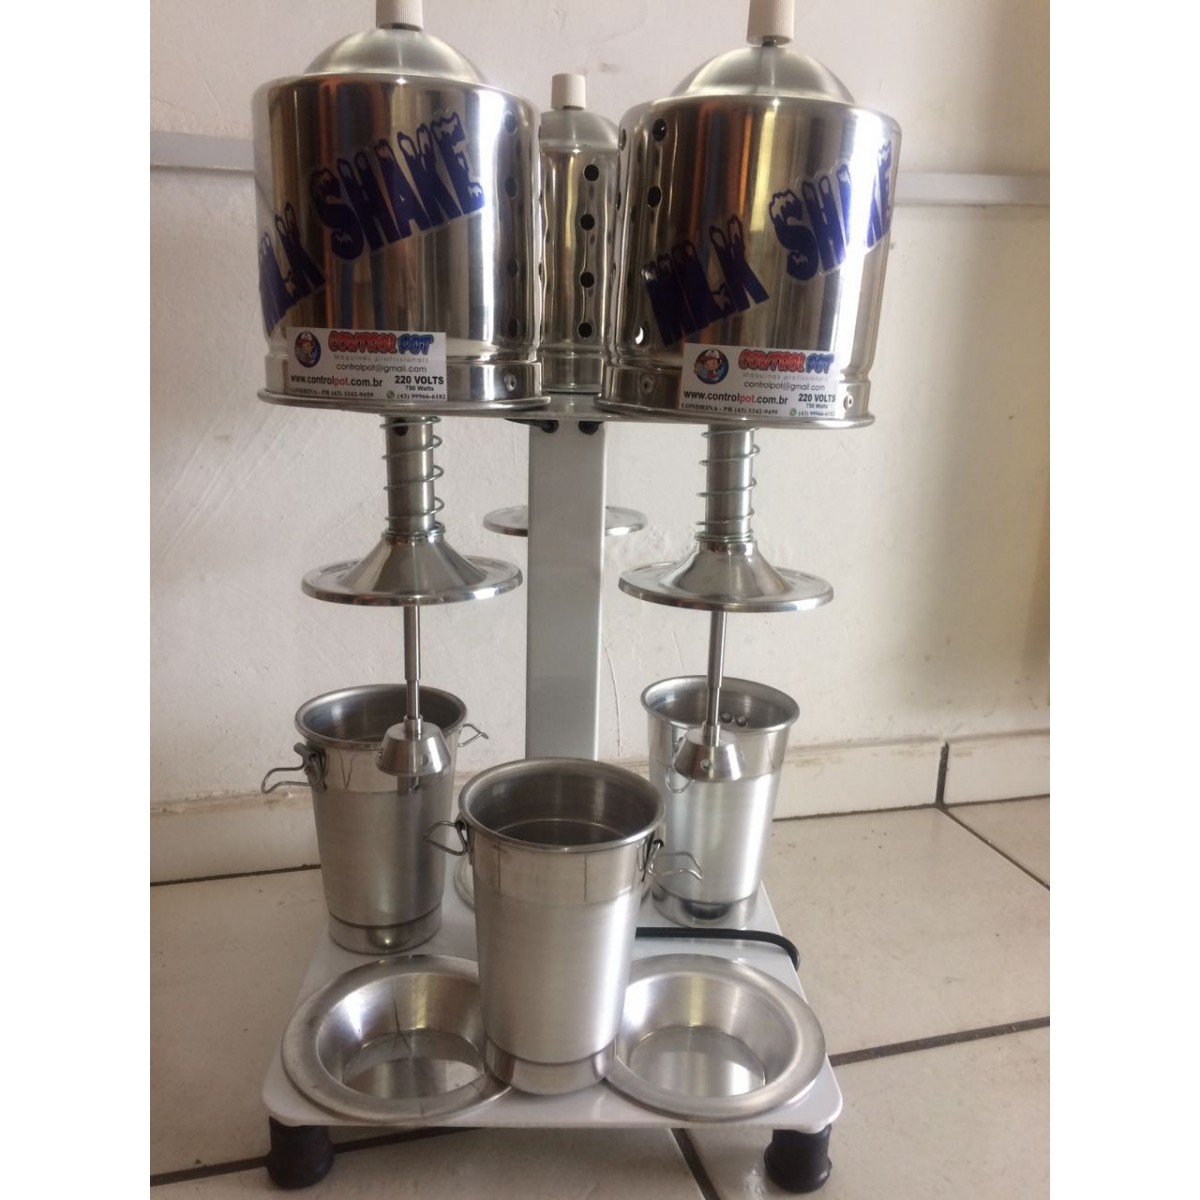 Maquina Milk Shake Profissional Sd 2014 Triplo Balcão 900w  - Controlpot Maquinas e Batedores Milk Shake e Furador de Côco